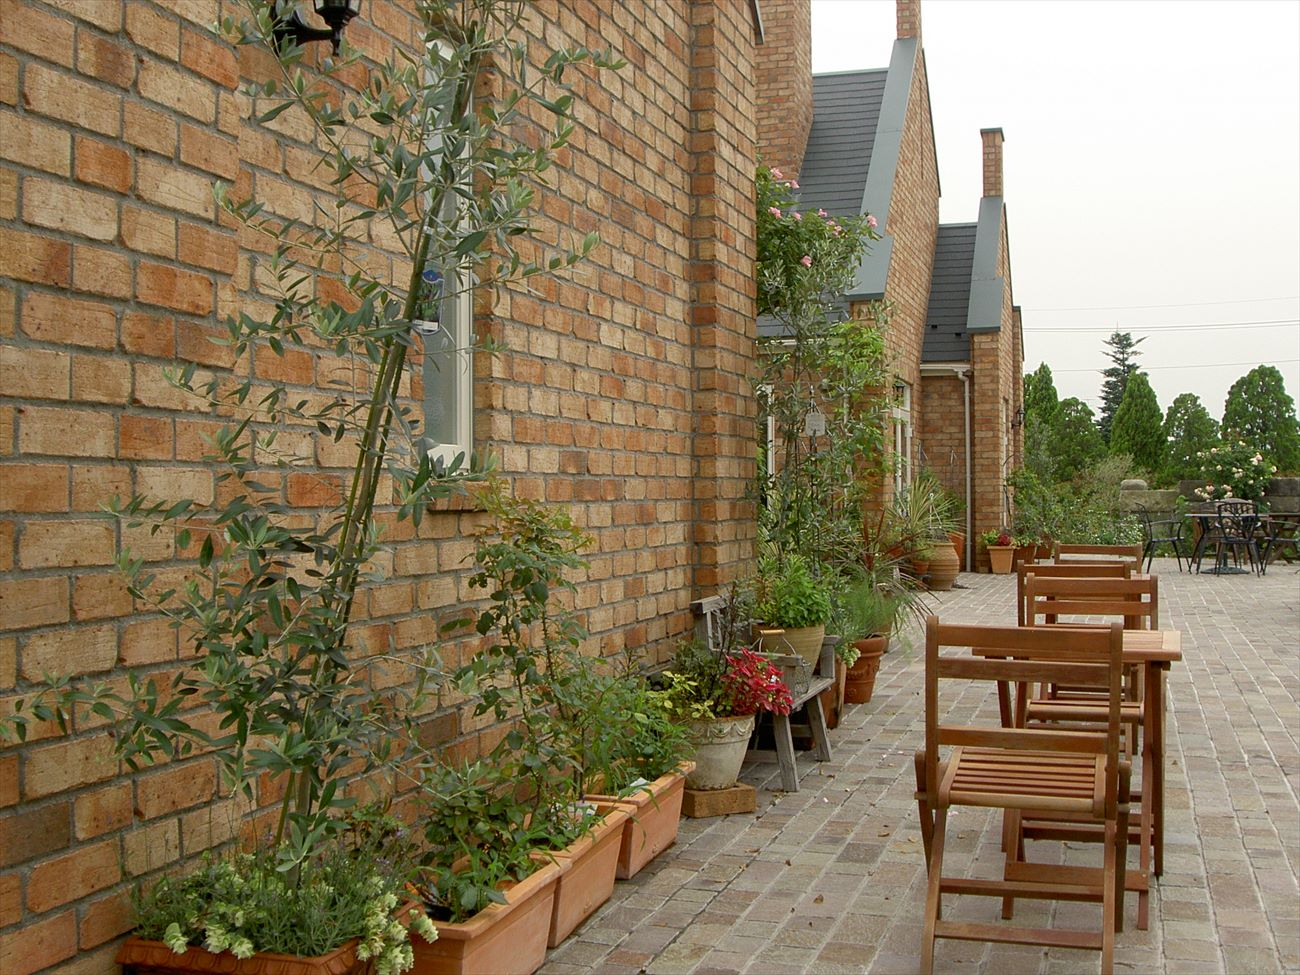 レンガの家が外観:自然素材のため植栽とも馴染みやすい